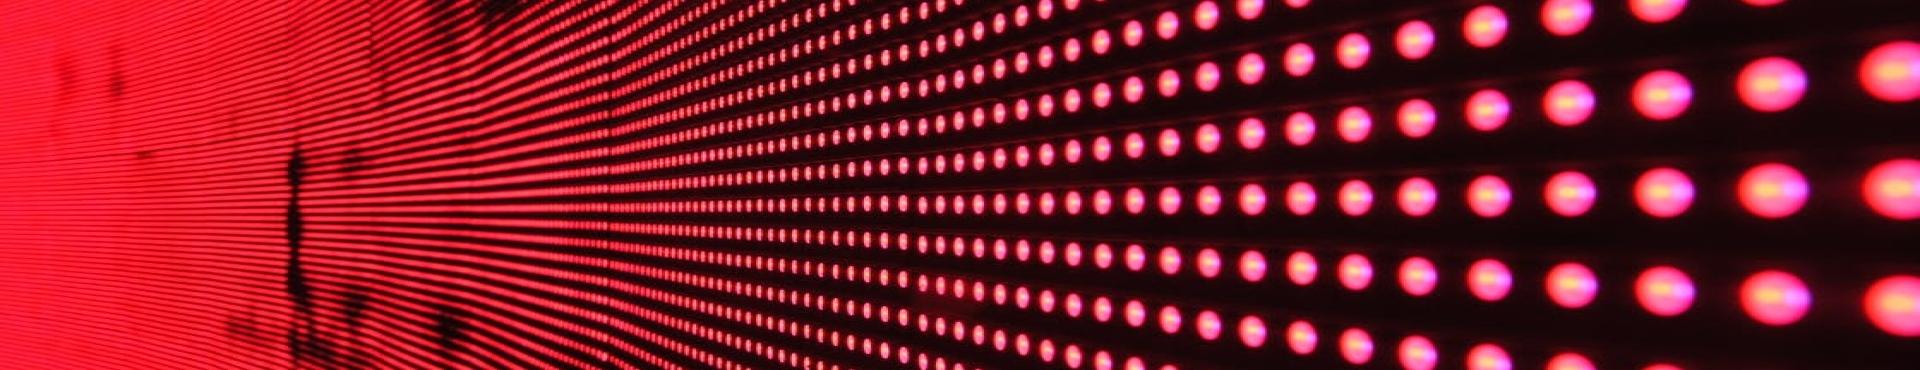 Термални CTP експонатори за флексо фотополимерни клишета